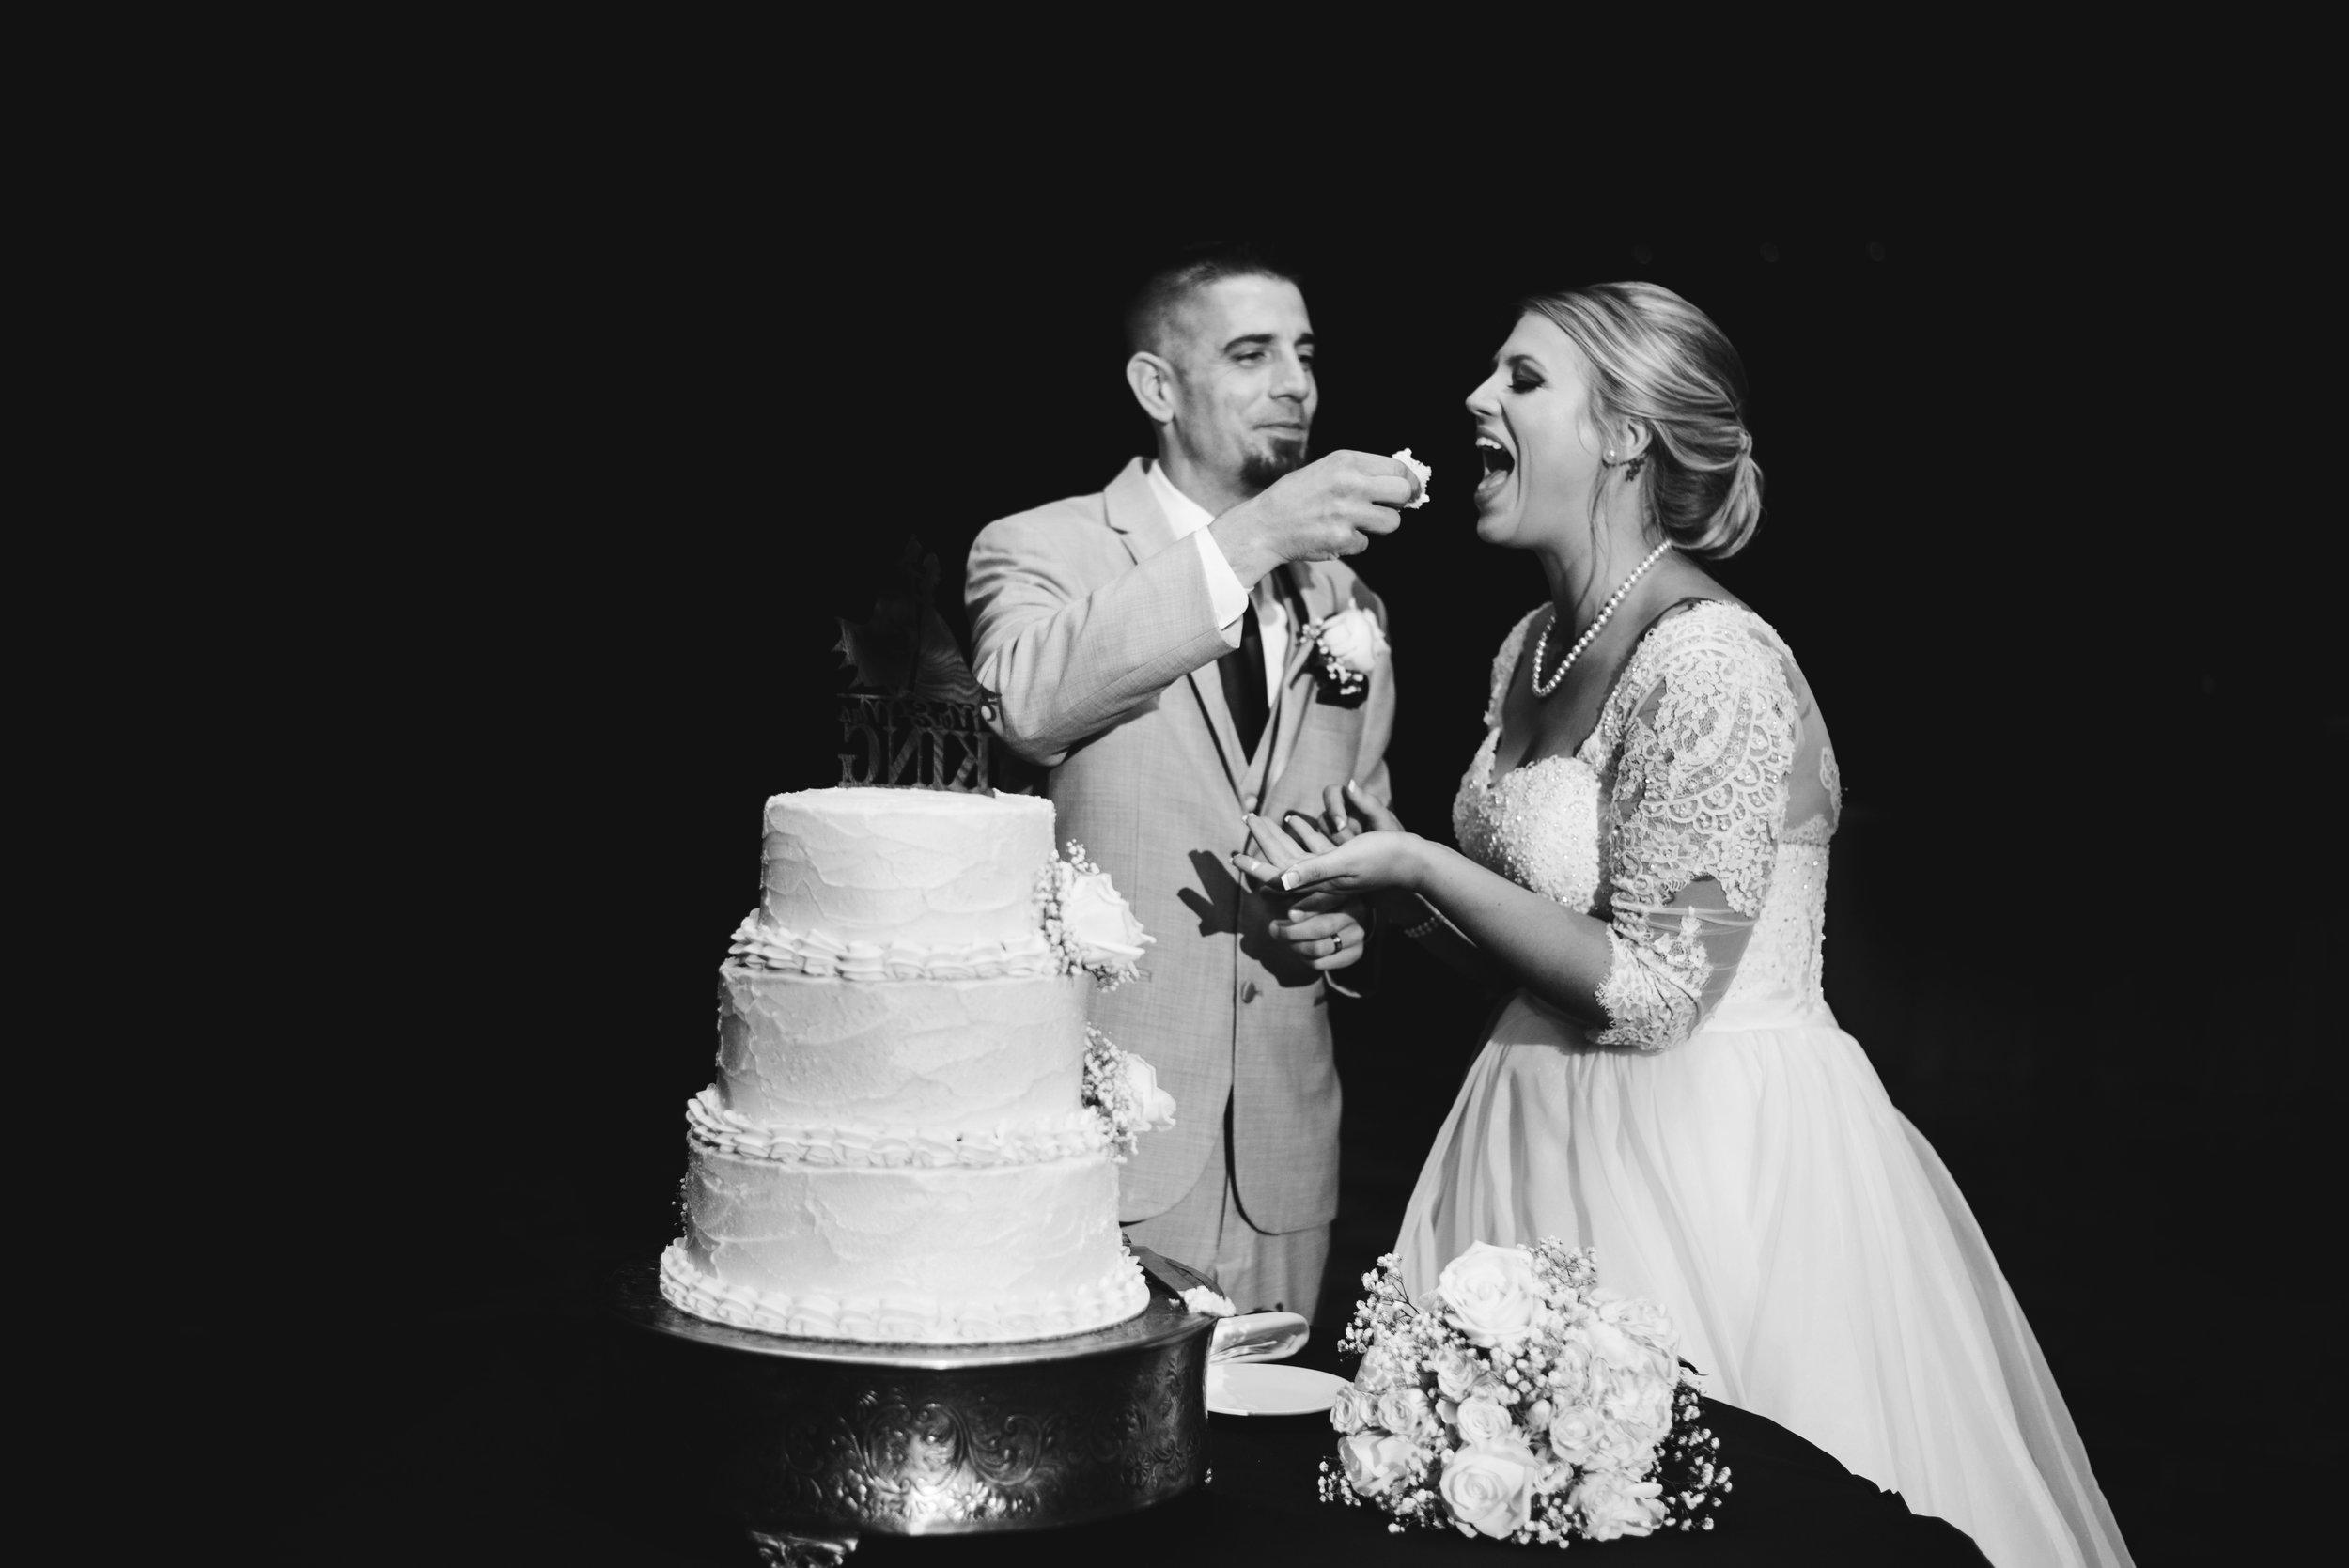 King-Northern-Illinois-University-Wedding105.jpg